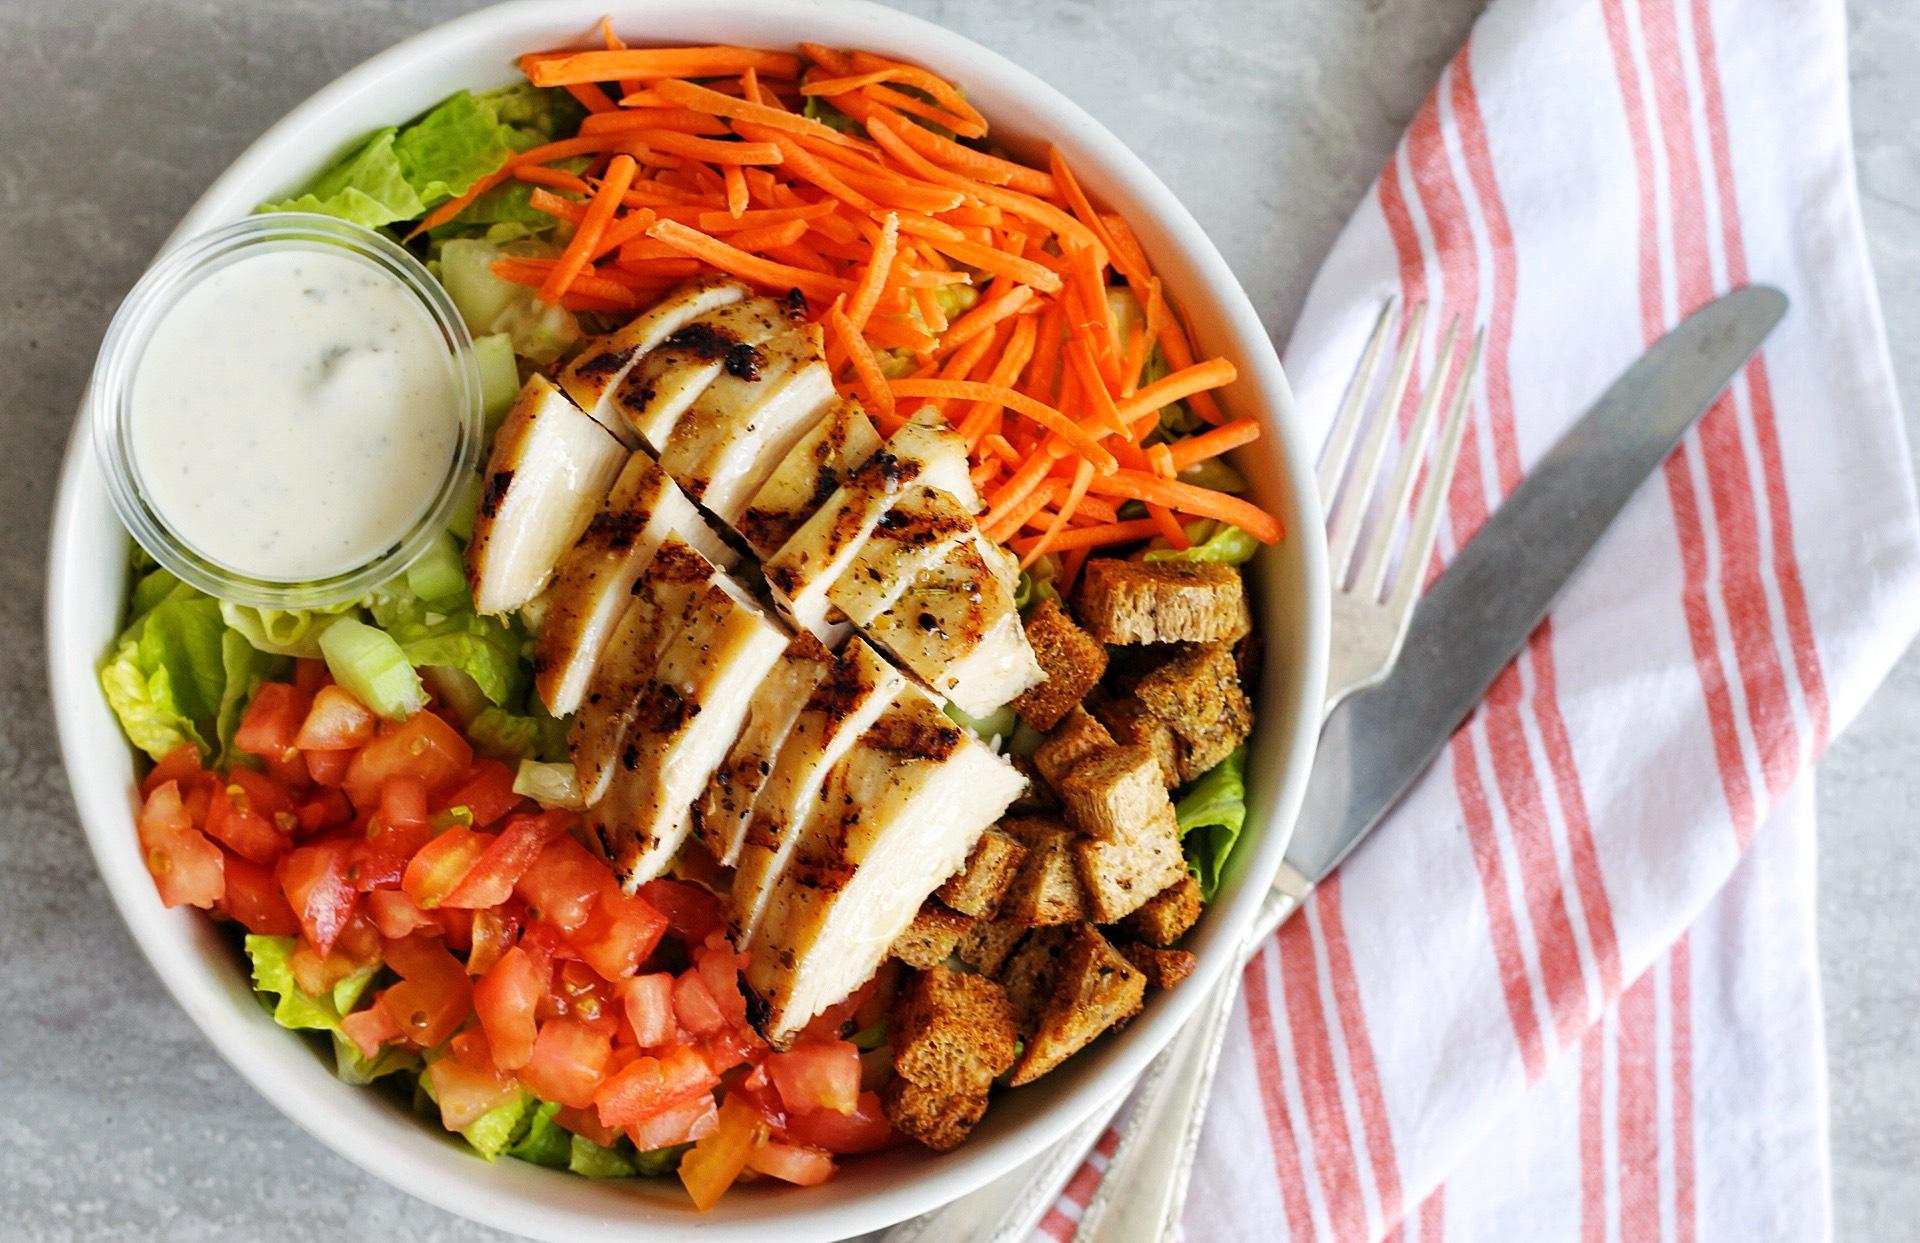 Garden Salad with Roasted Chicken